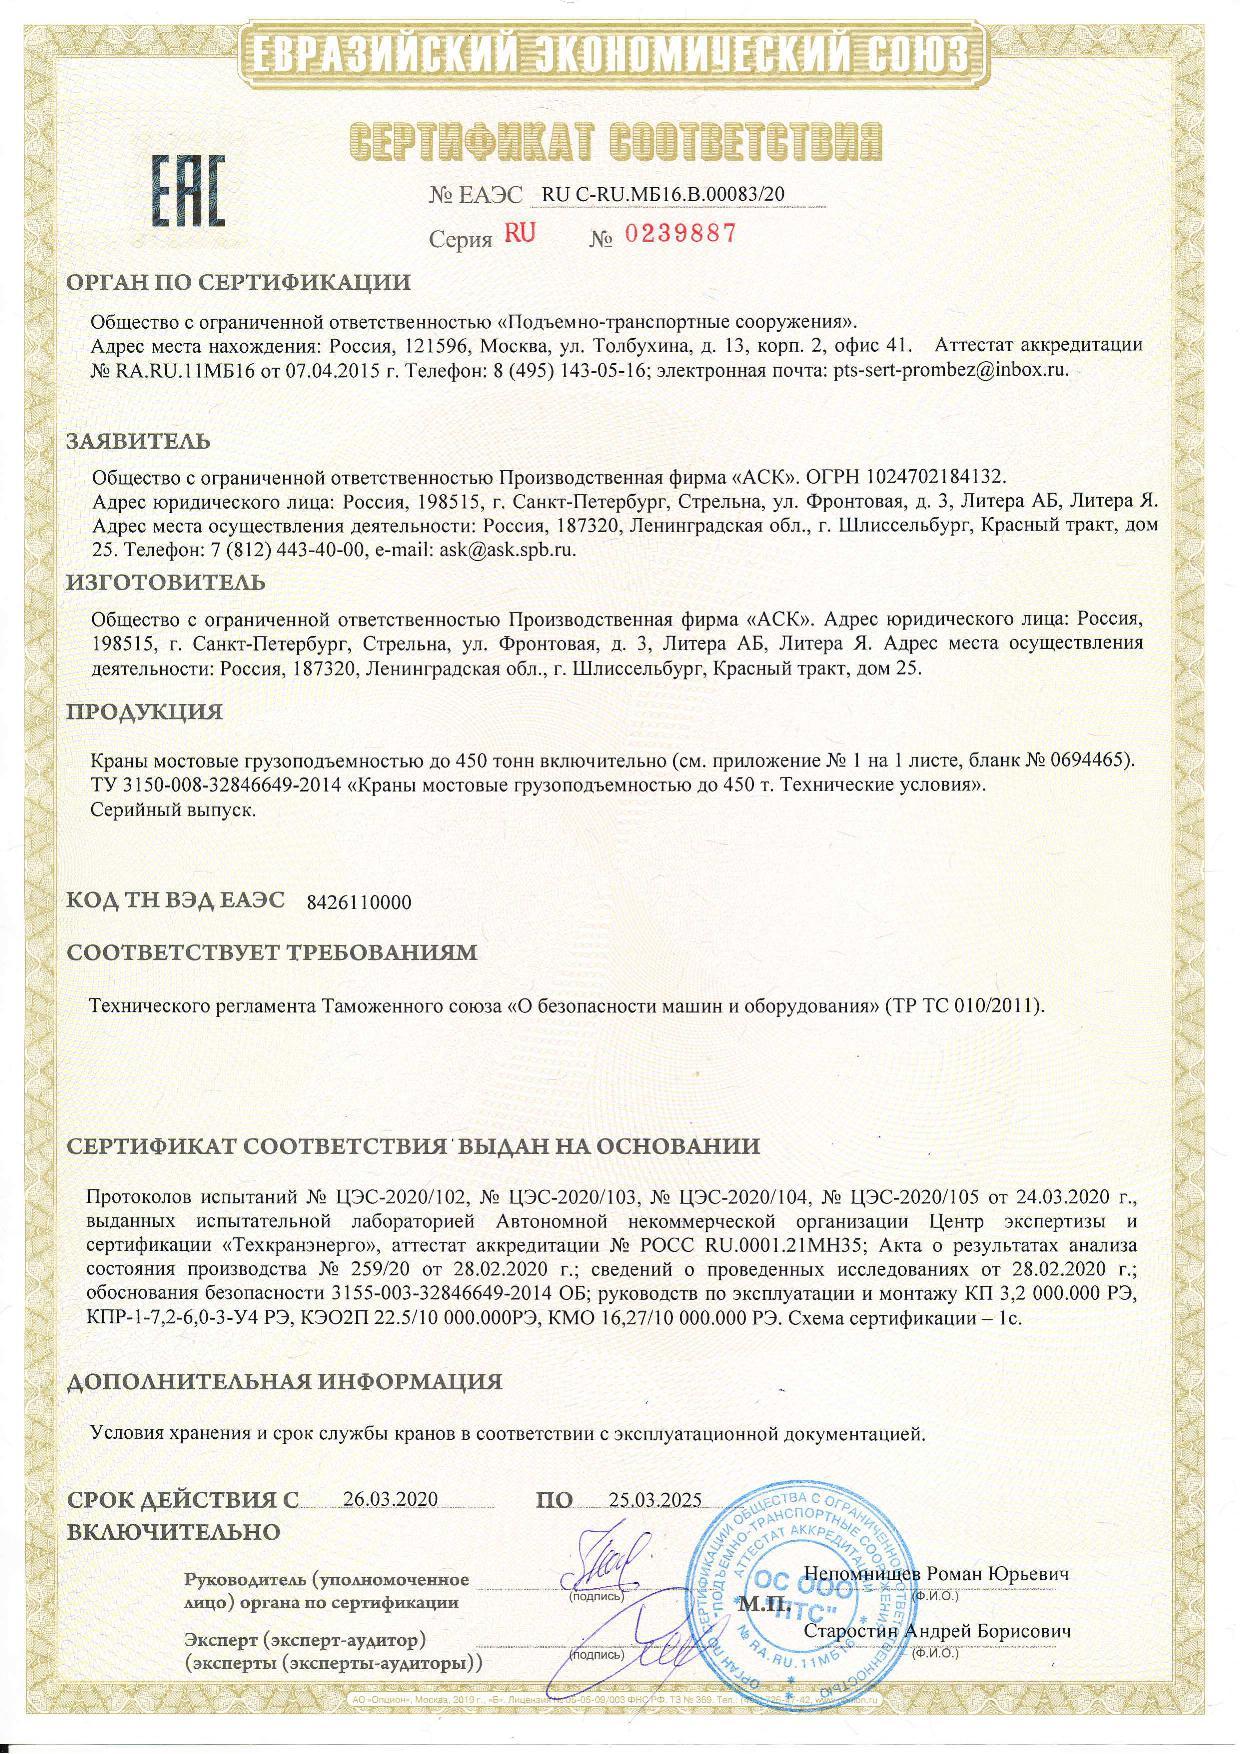 Сертификация работ по ремонту кранов сертификация соответствия гост